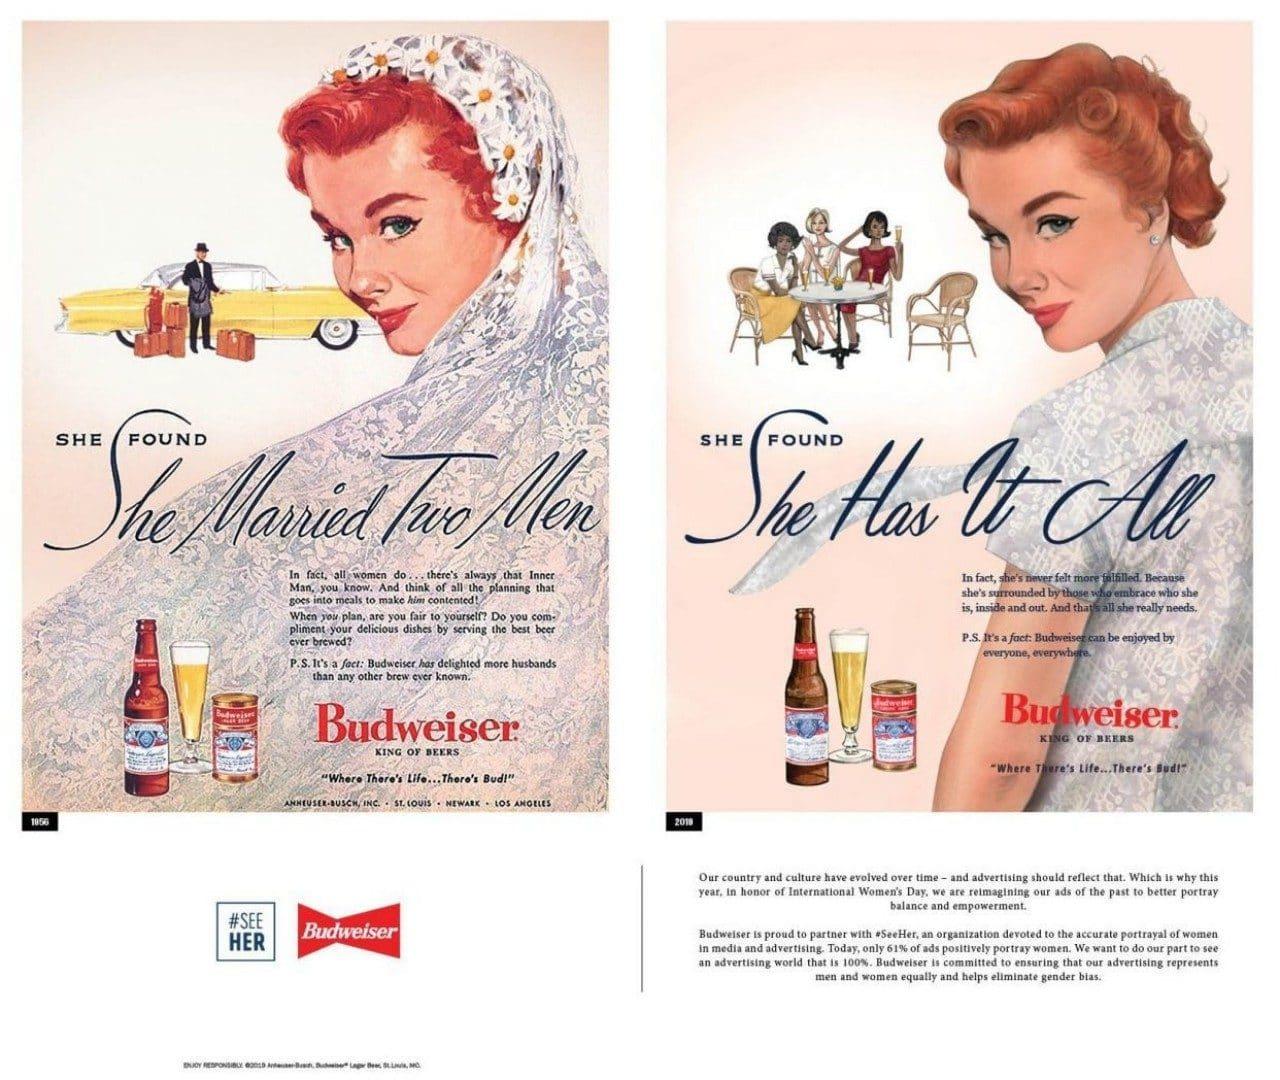 2019년 여성의 날 버드와이저 광고, 1956년광고와 2019년 수정한 광고를 비교, budweiser have it all 1958-2019